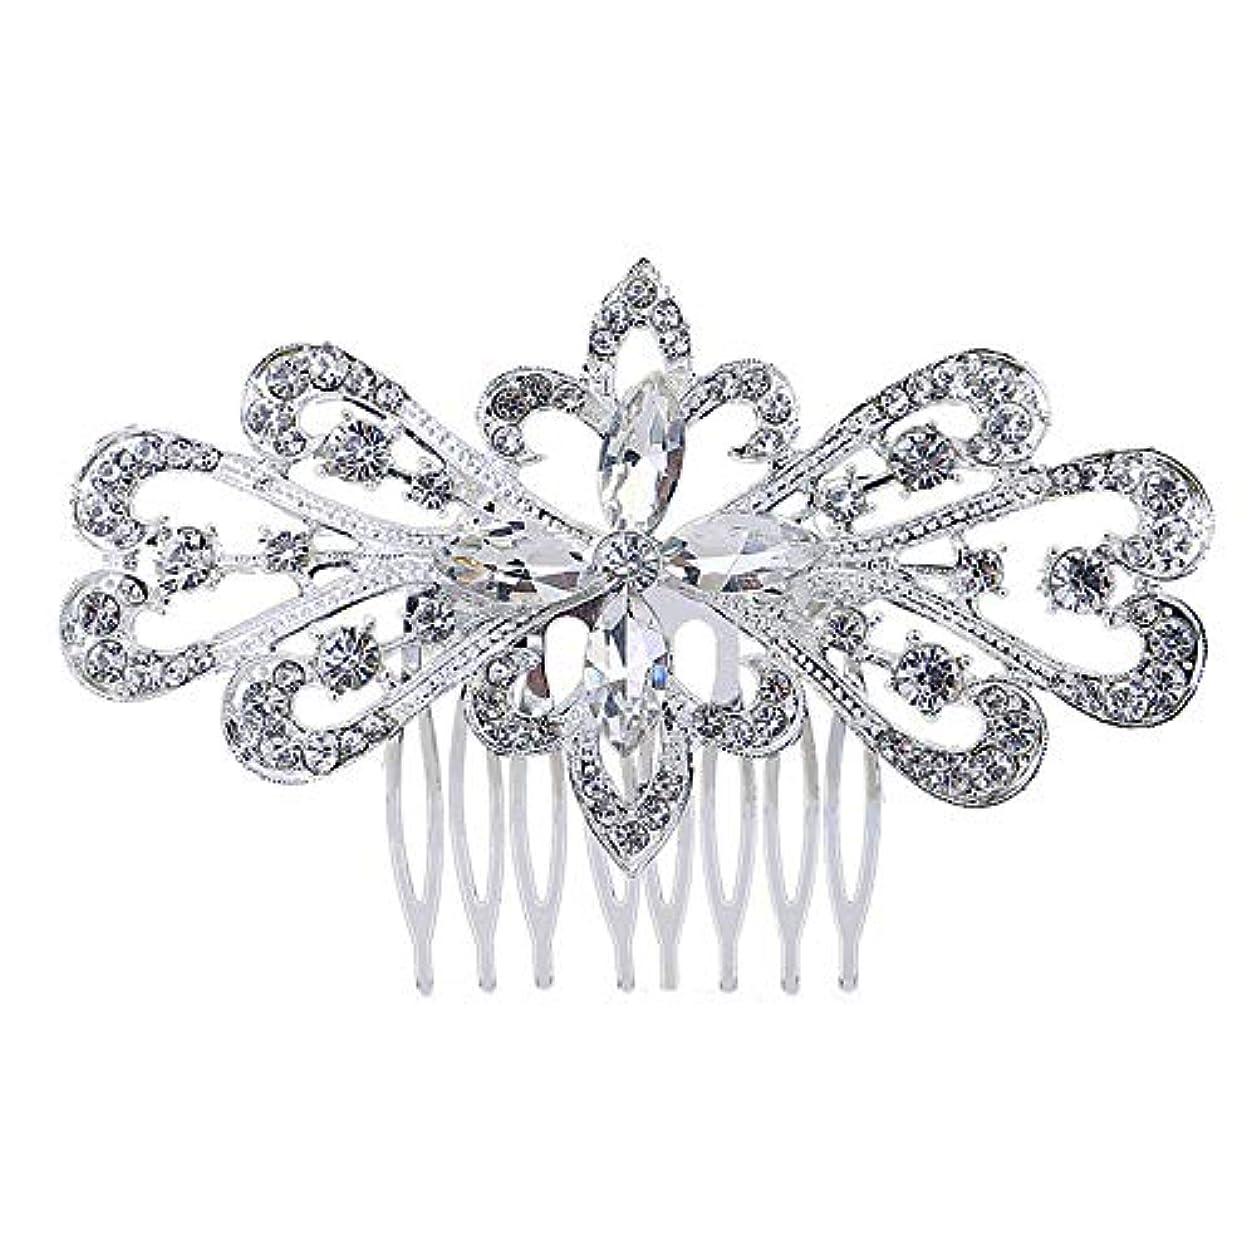 防止汚れる髪の櫛の櫛の櫛の花嫁の髪の櫛の花の髪の櫛のラインストーンの挿入物の櫛の合金の帽子の結婚式のアクセサリー